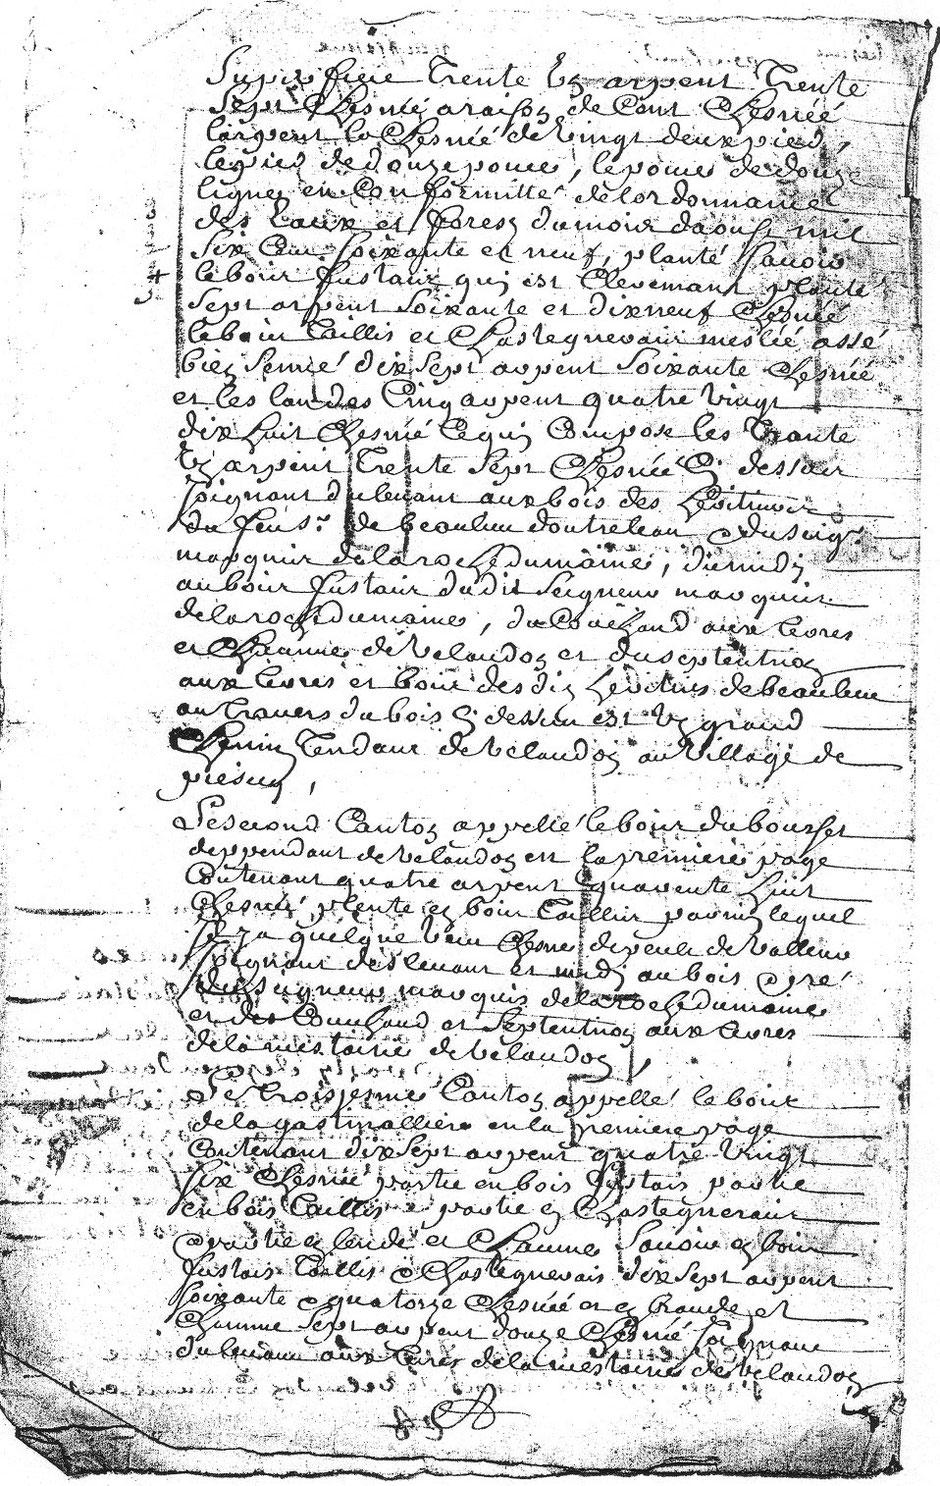 1729 - Plans des bois de la commanderie d'Auzon  - D'Allogny de la Groie Texte 1,2 et 3